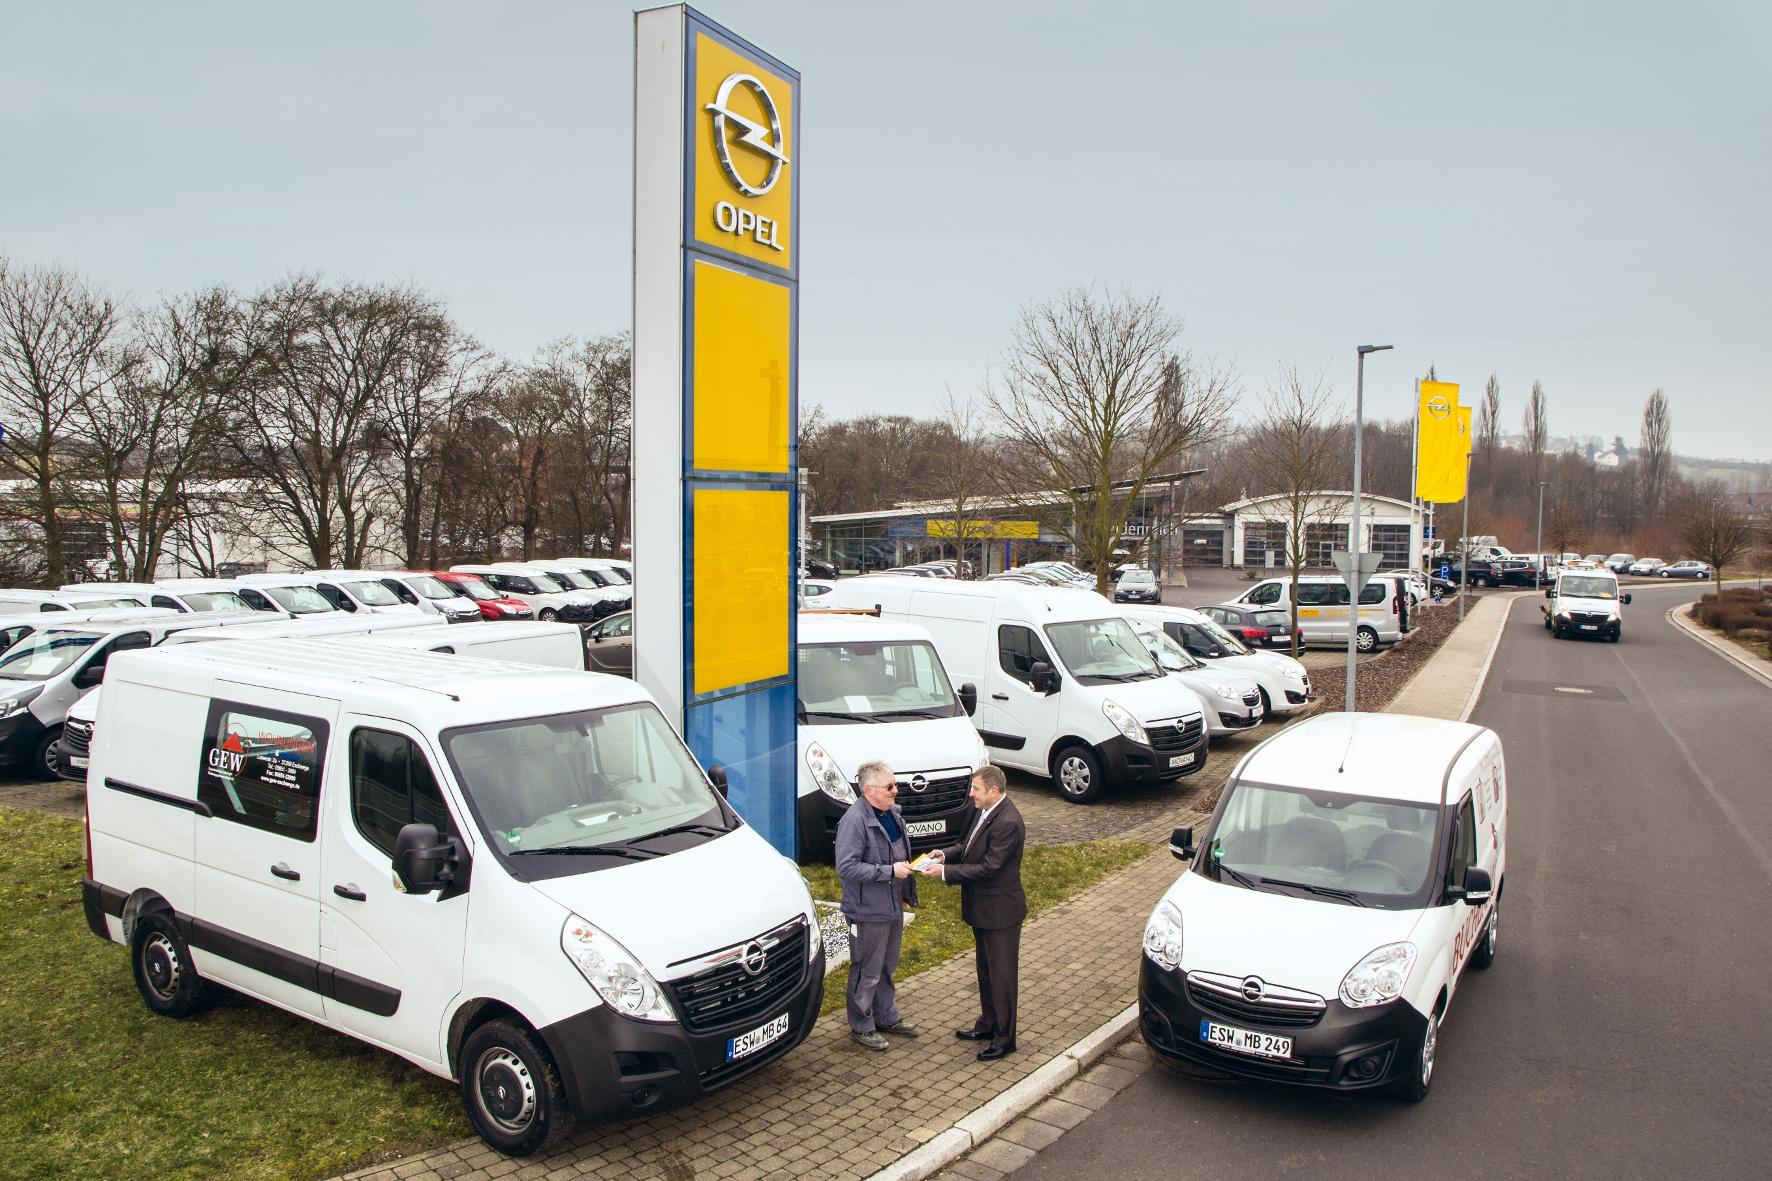 mid Groß-Gerau - Opel vertraut künftig in Sachen Nutzfahrzeuge flächendeckend nur noch auf spezialisierte Profi-Partner.